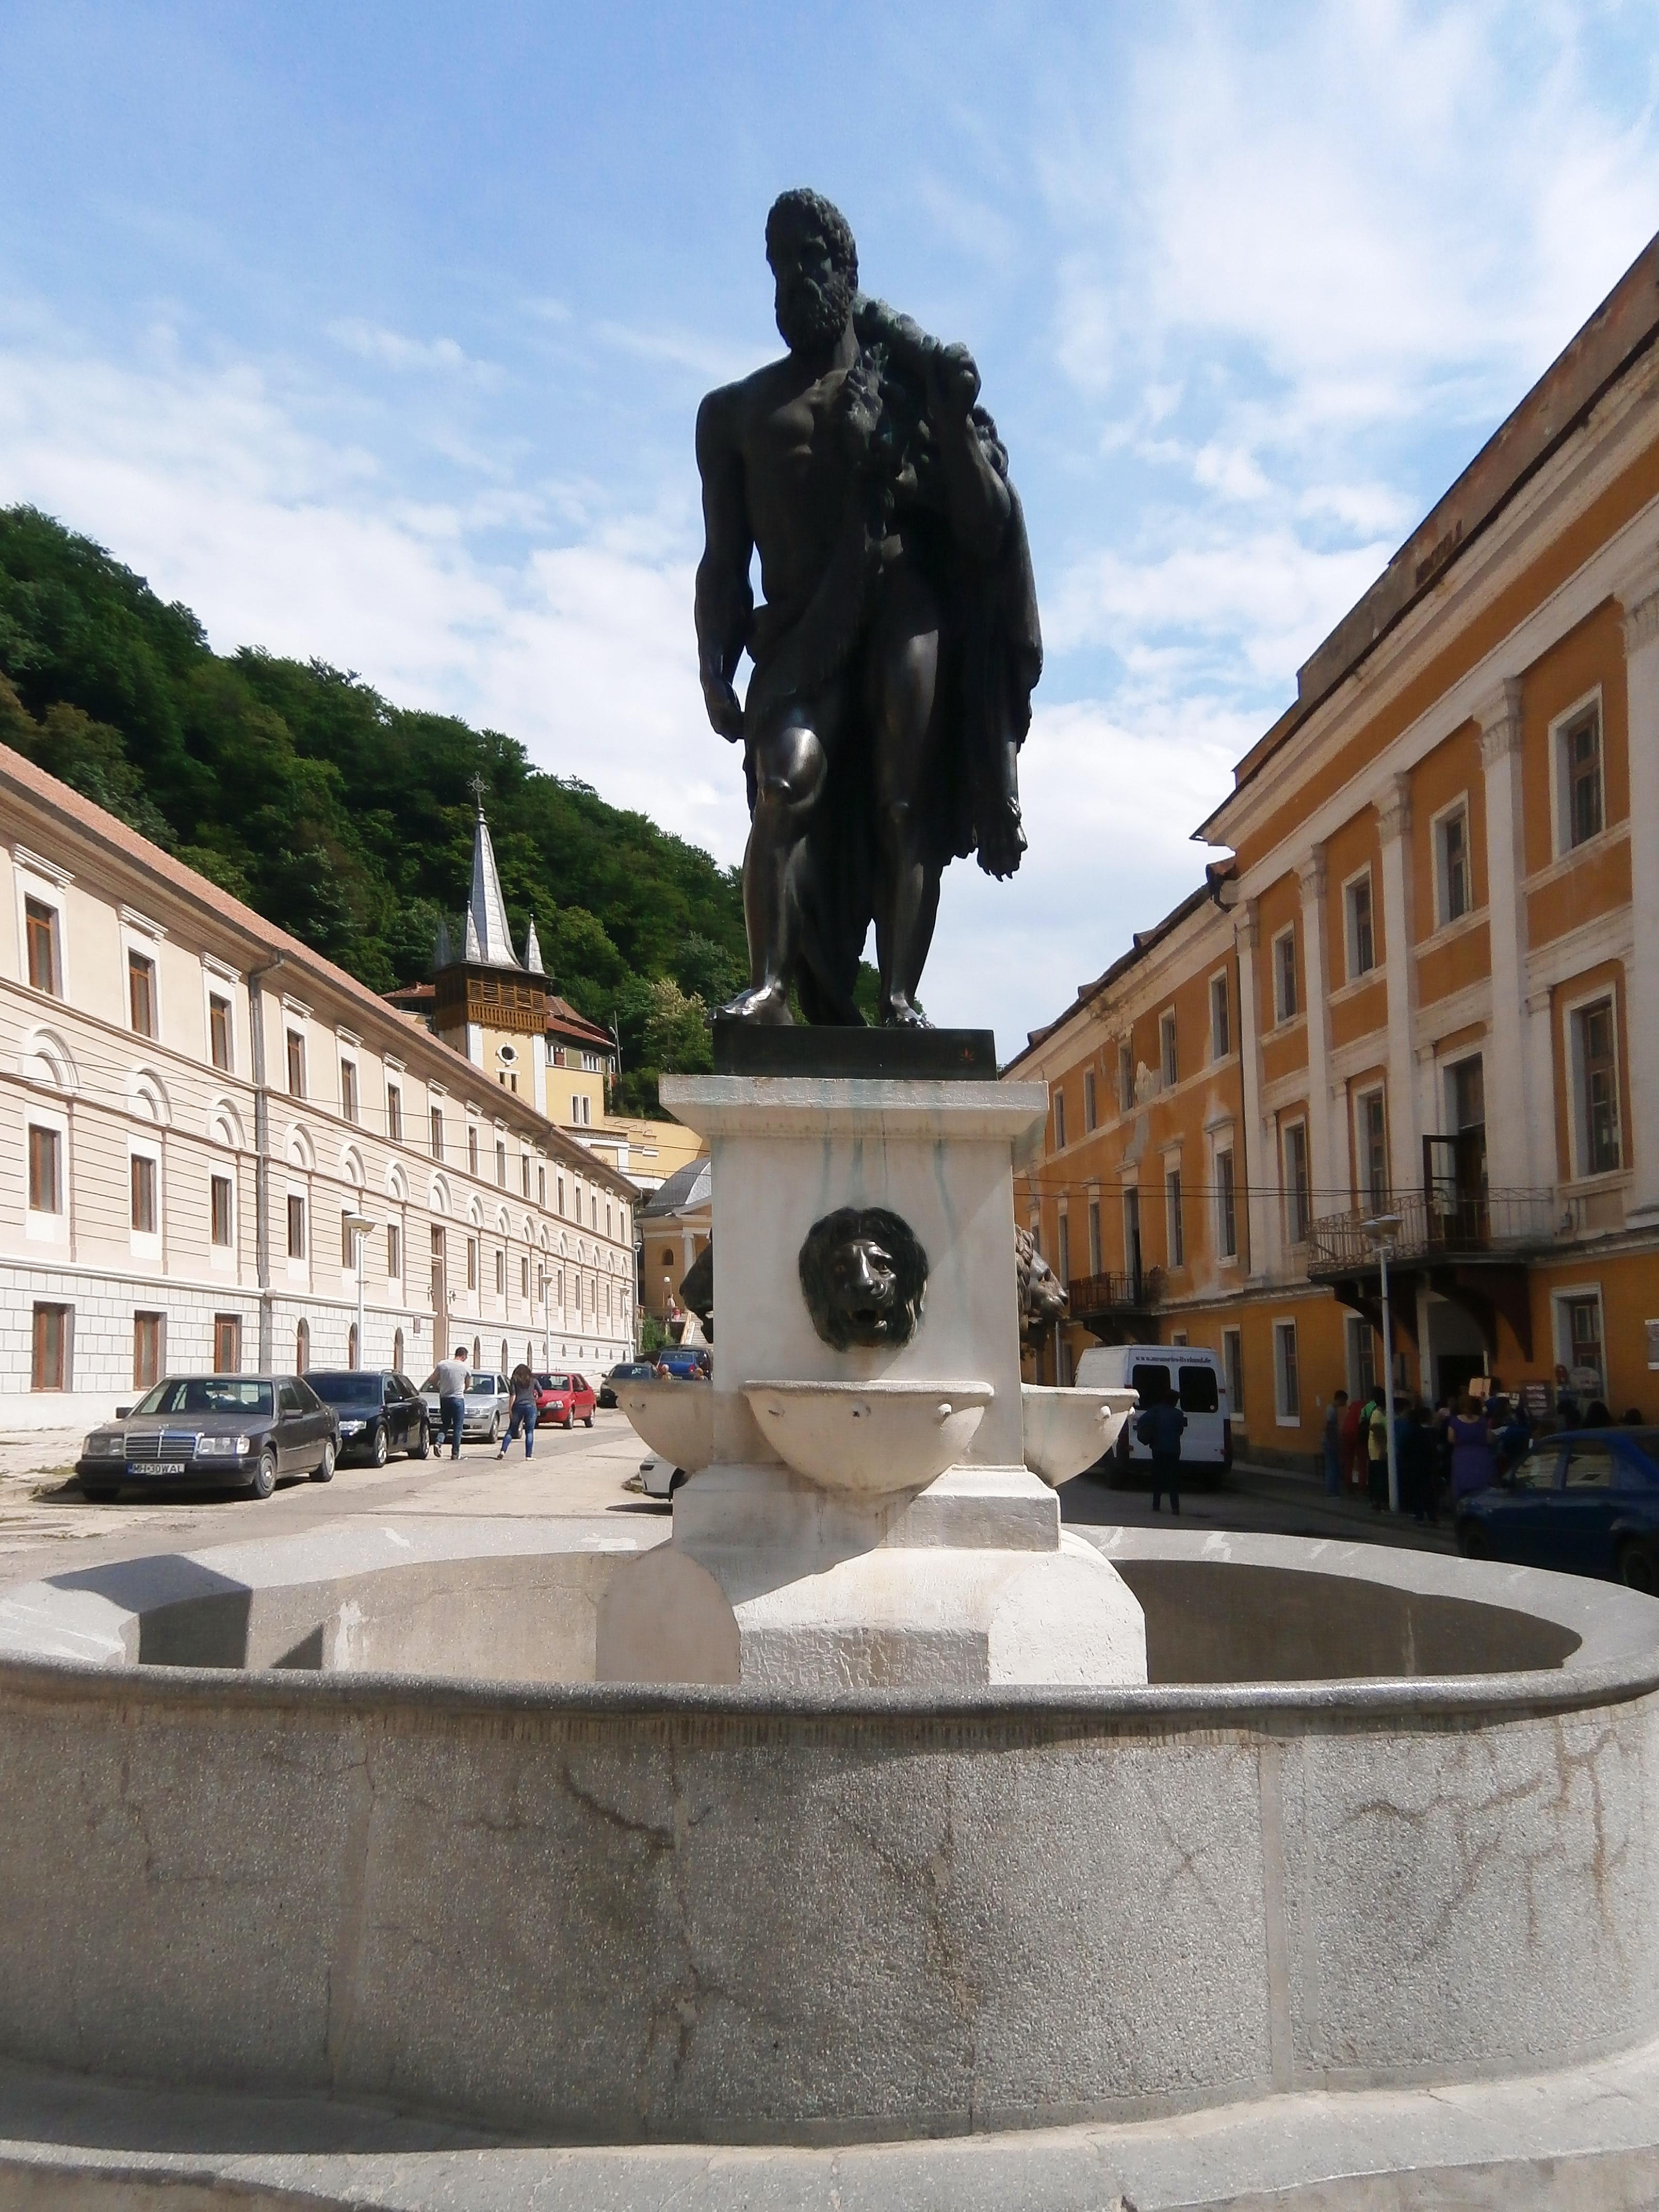 Statuia lui Hercules - Băile Herculane